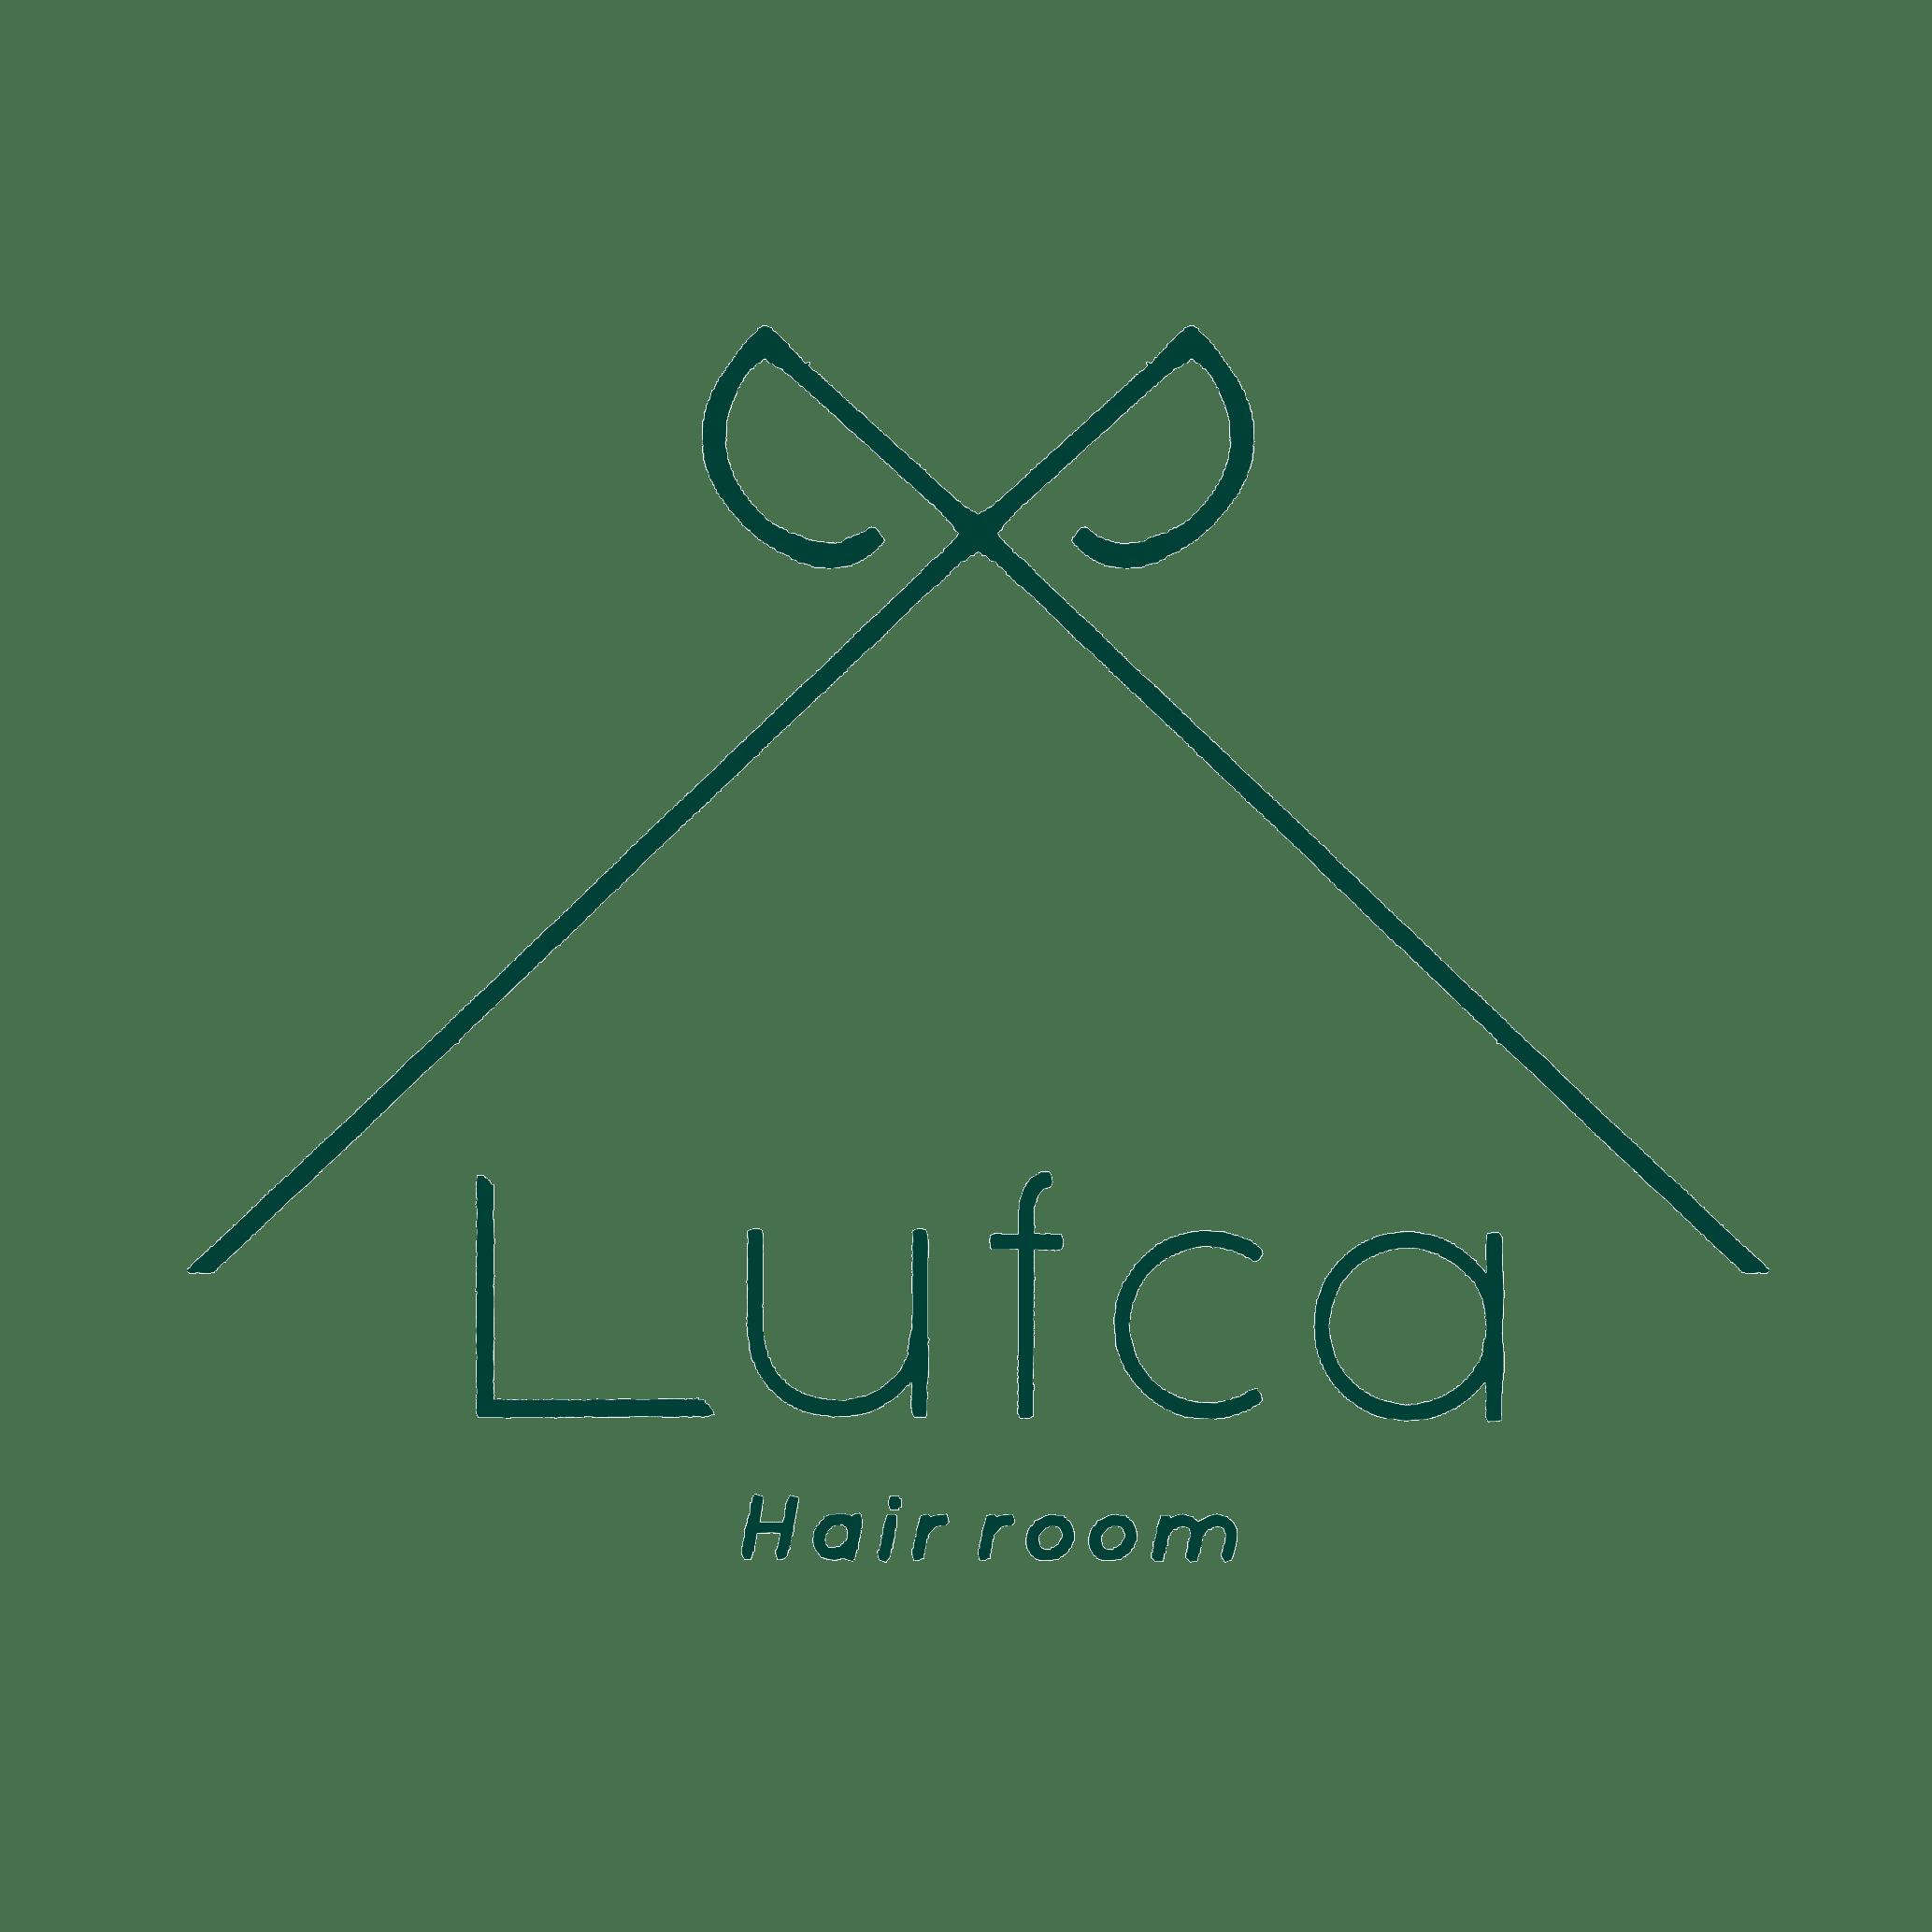 Lufca Hair